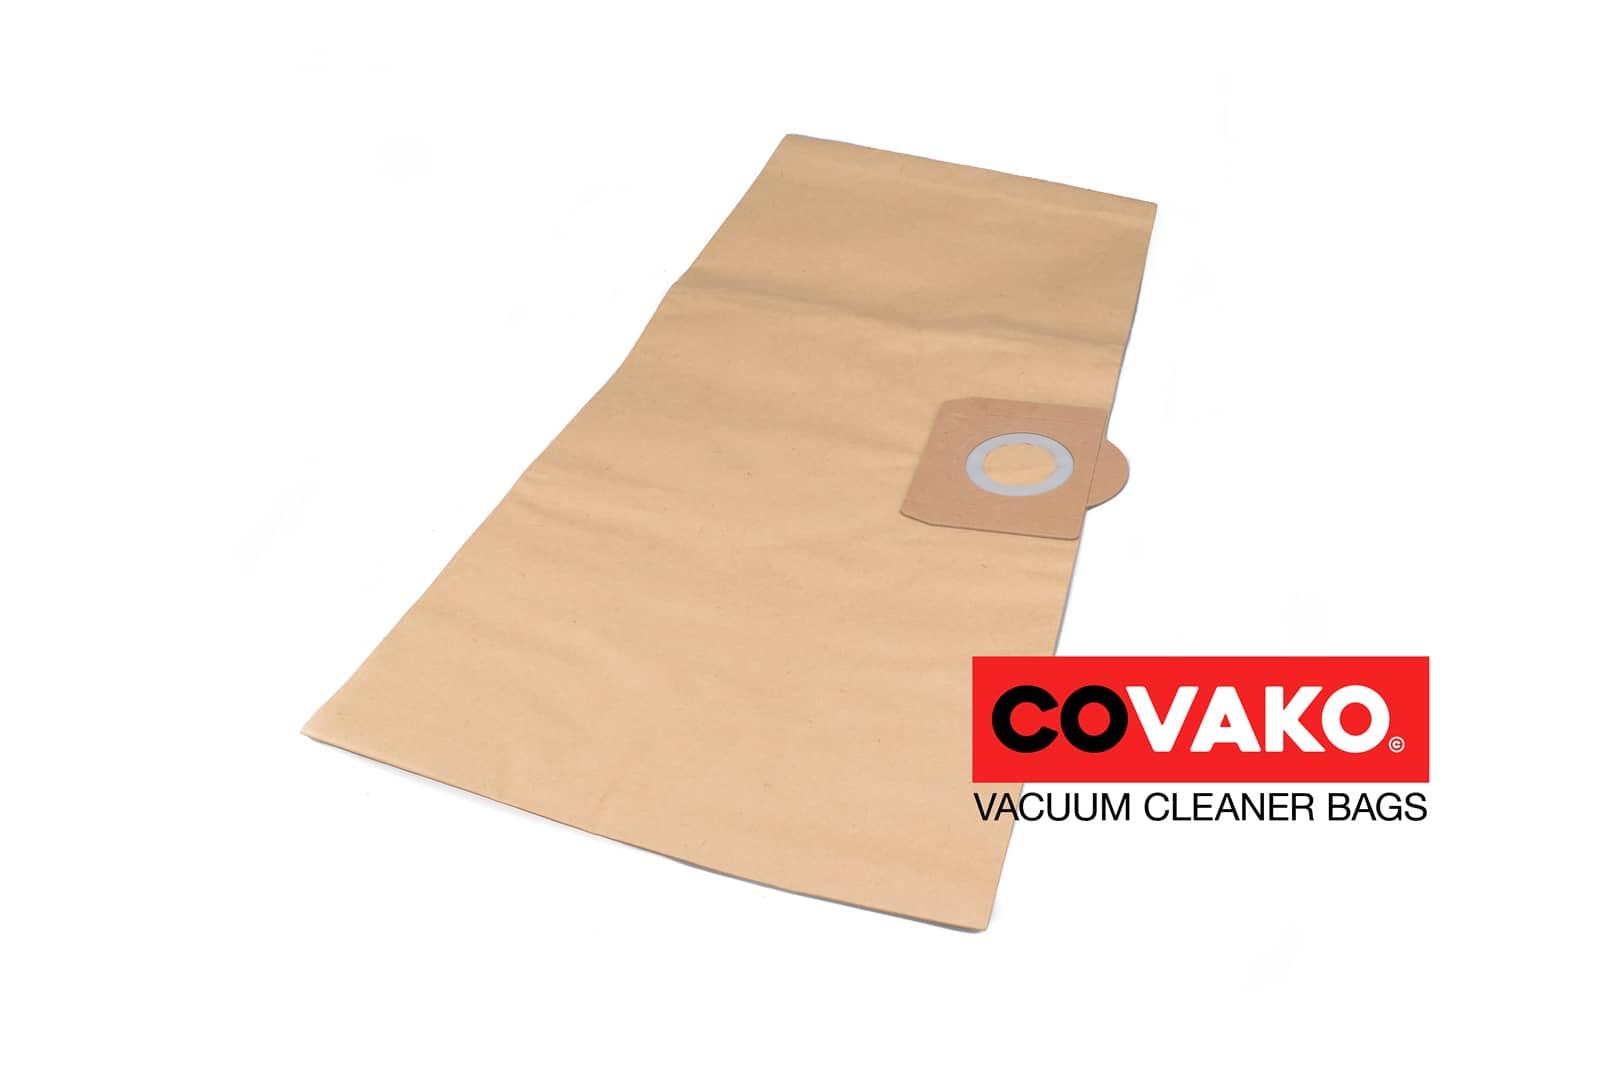 AquaVac Boxter 30 S / Papier - AquaVac sacs d'aspirateur